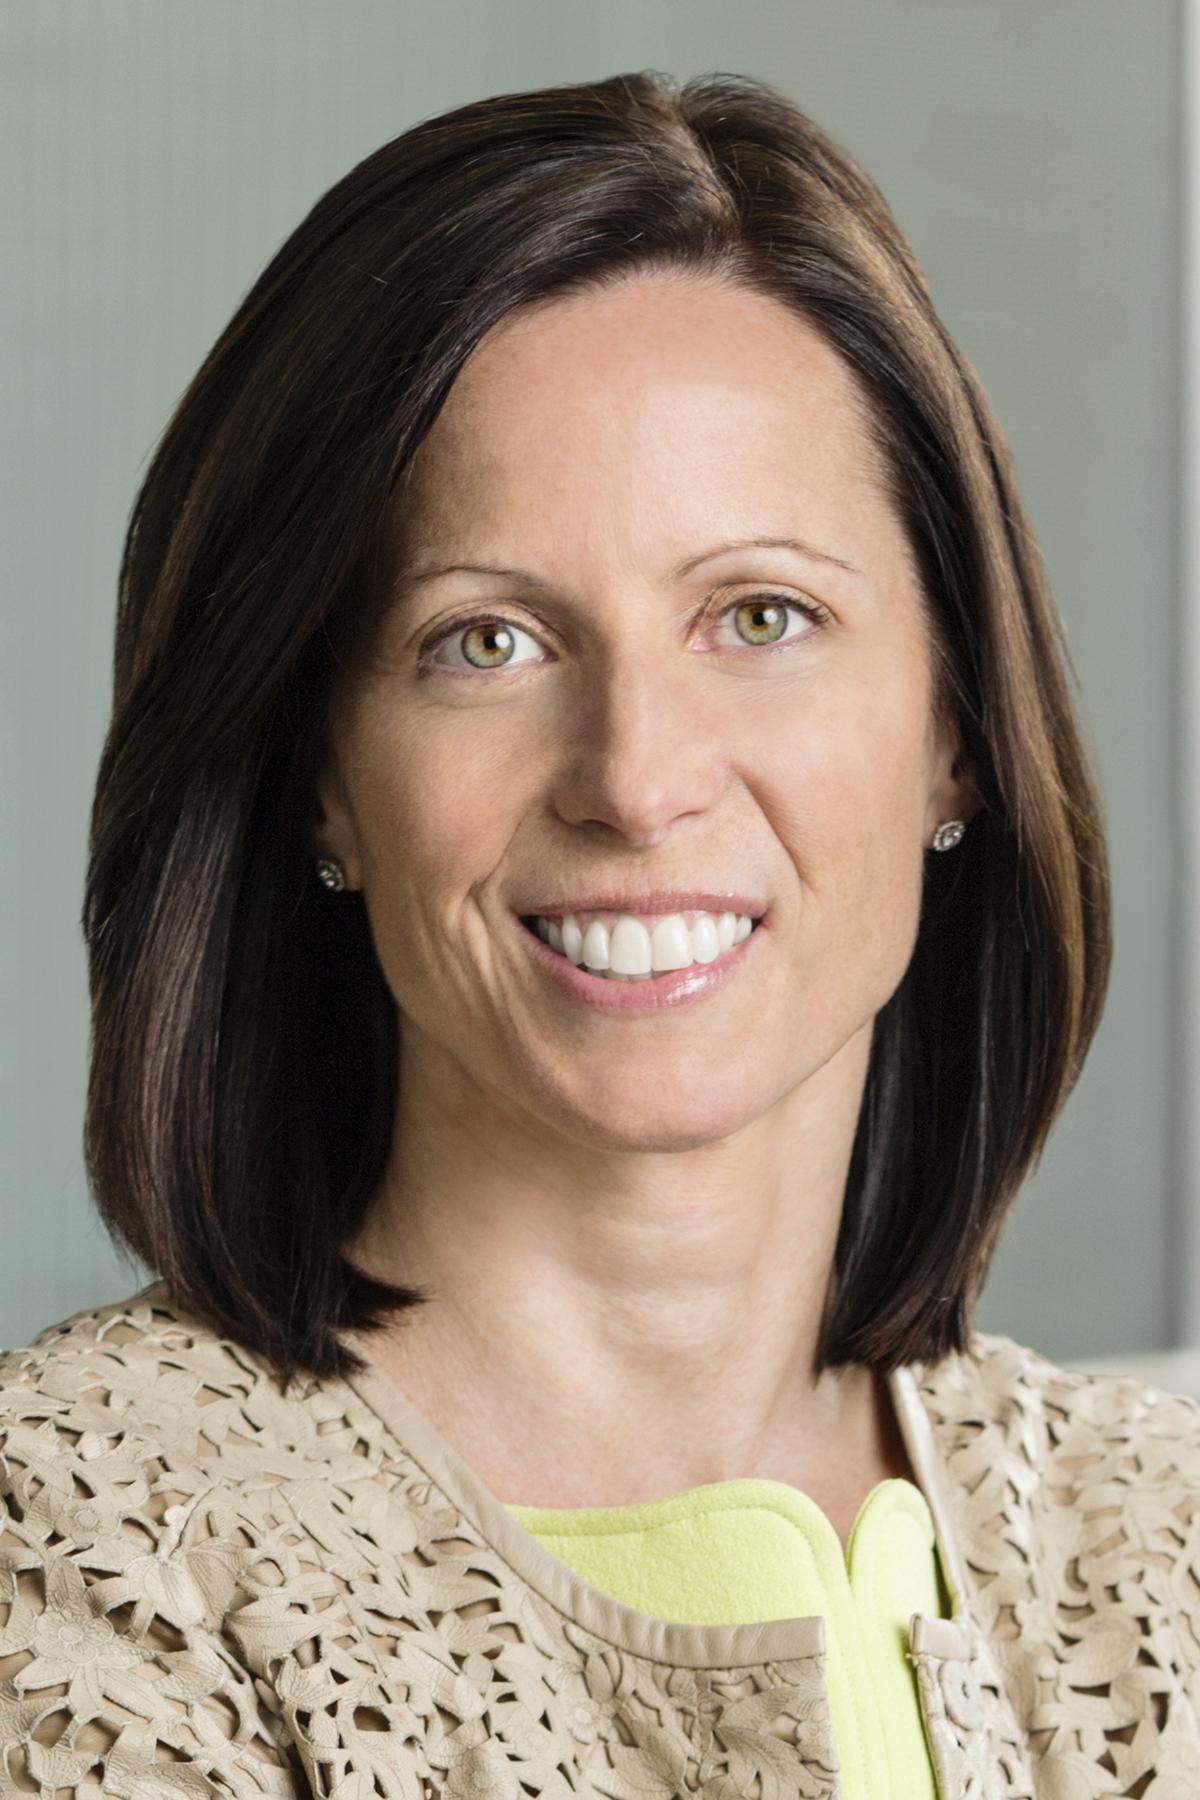 Join Adena T. Friedman at Women's Entrepreneurship Day ...